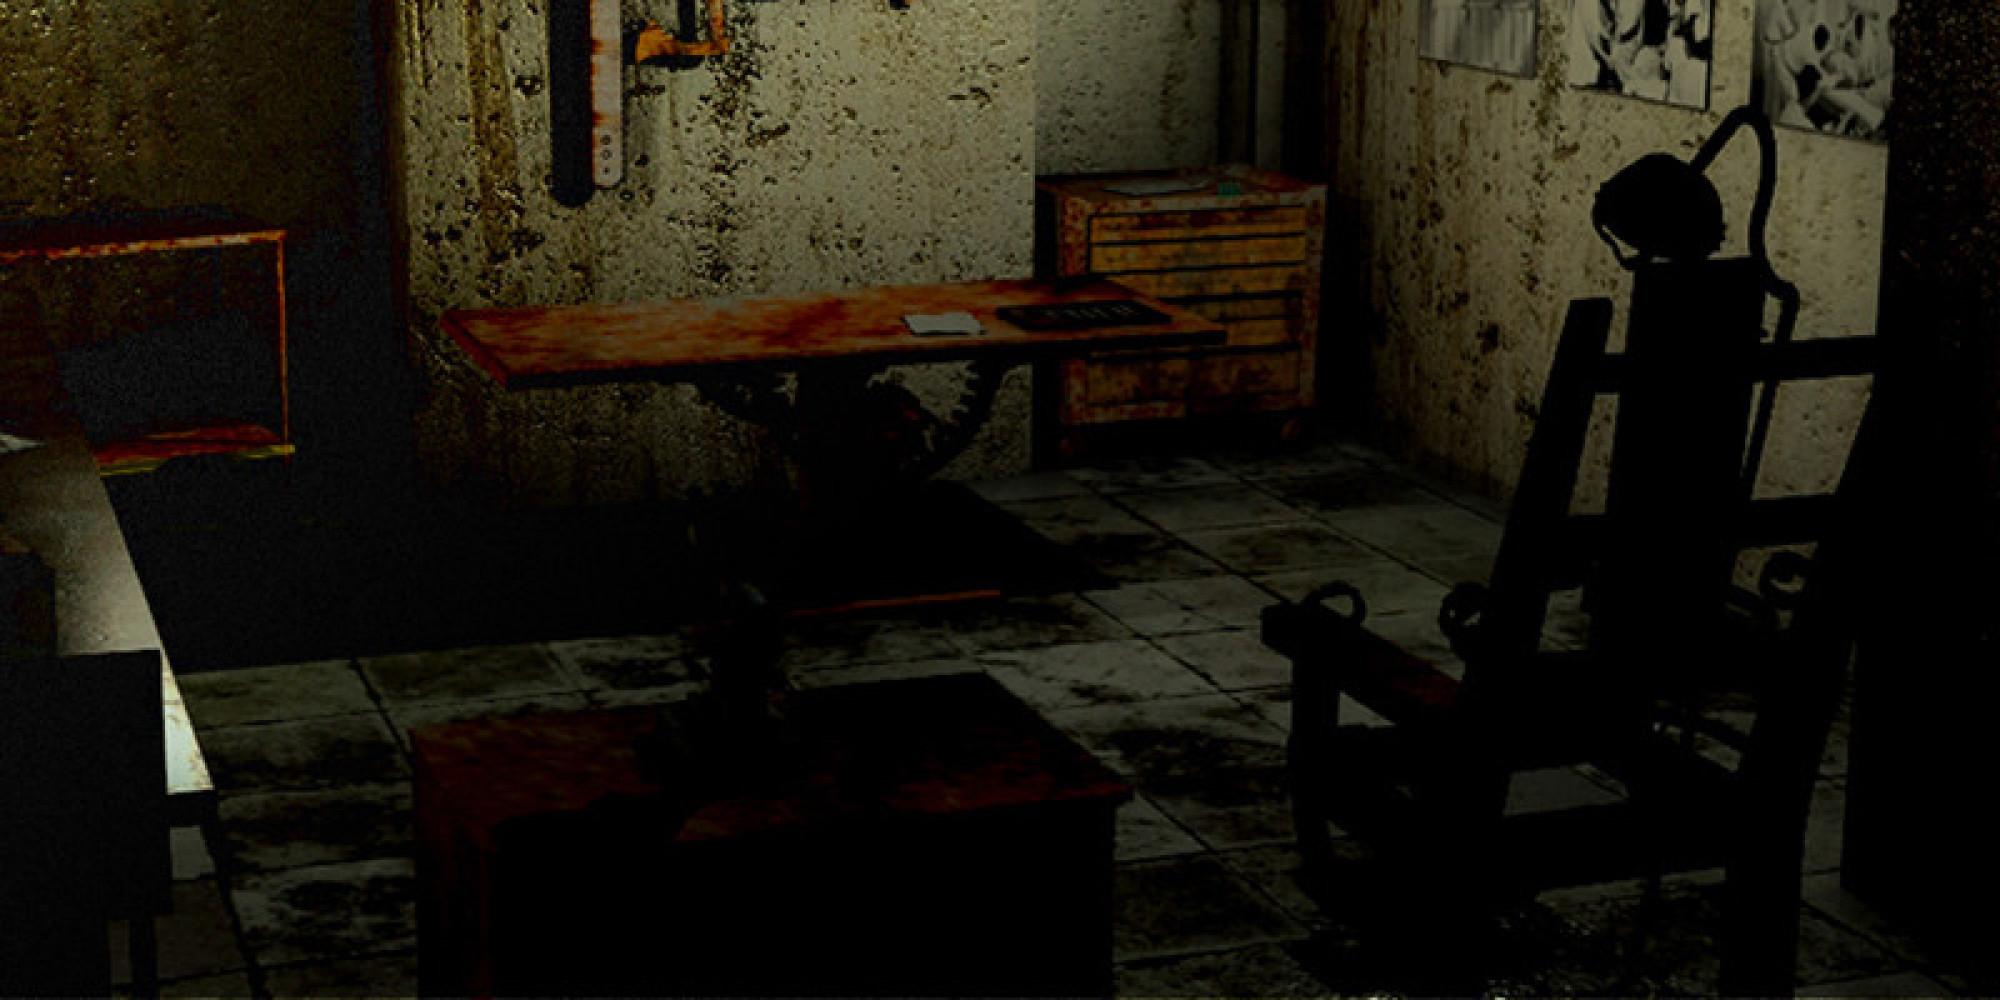 Escape The Room Bathroom 28+ [ escape game room ] | room escape games in a birdcage hd ipad